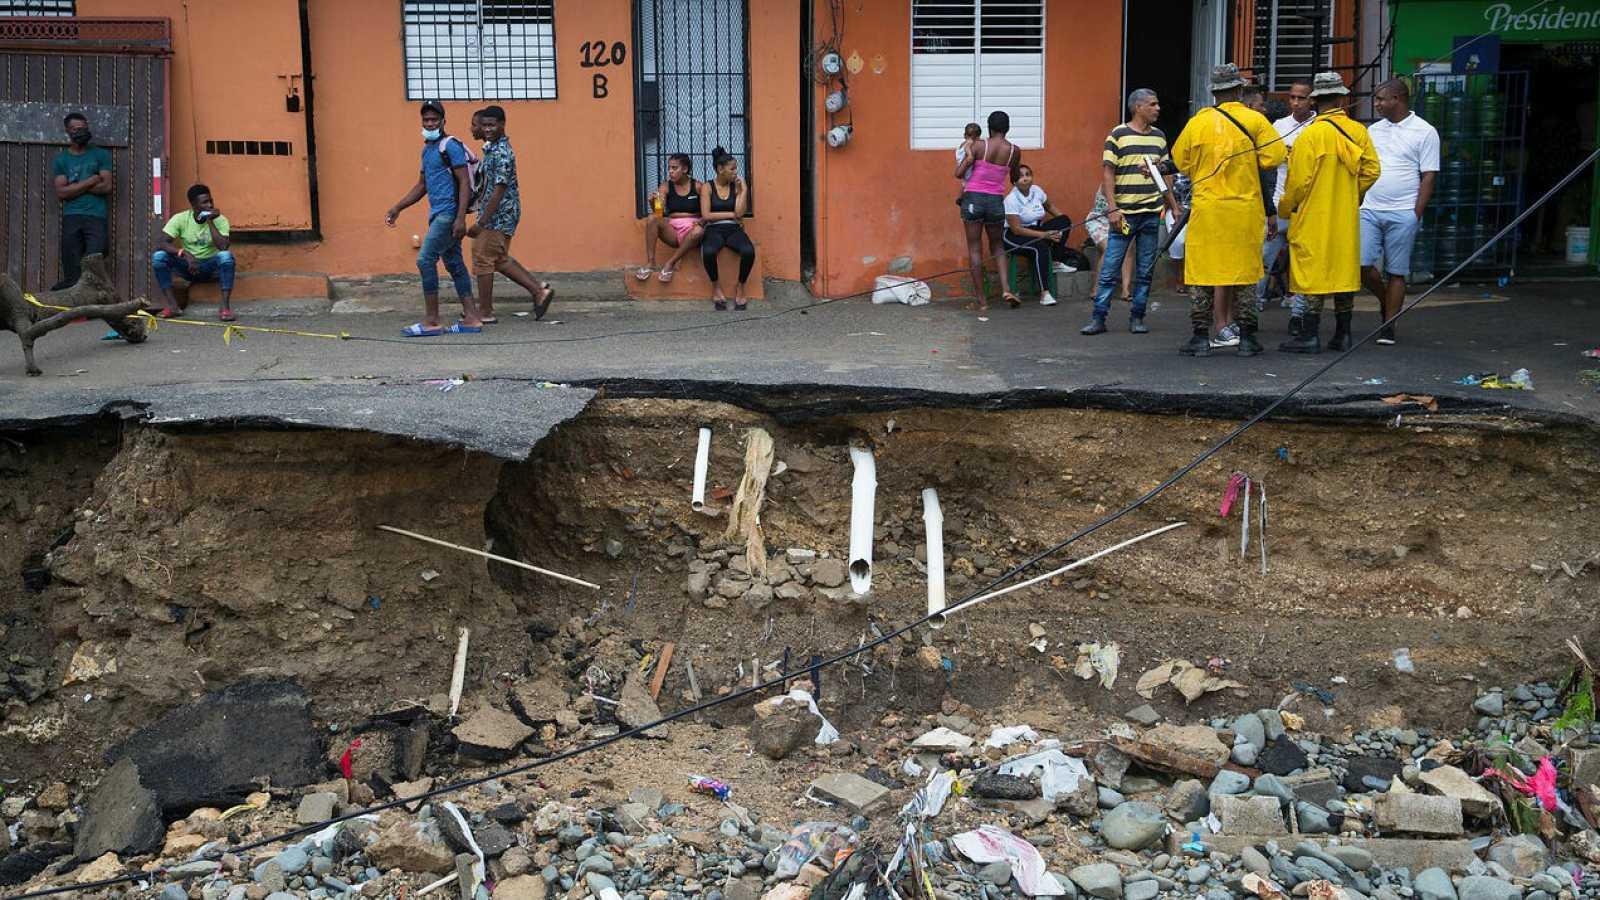 Militares controlan que residentes no se acerquen a la orilla de una calle destrozada debido a las intensas lluvias causadas por la tormenta Laura en Santo Domingo (República Dominicana).